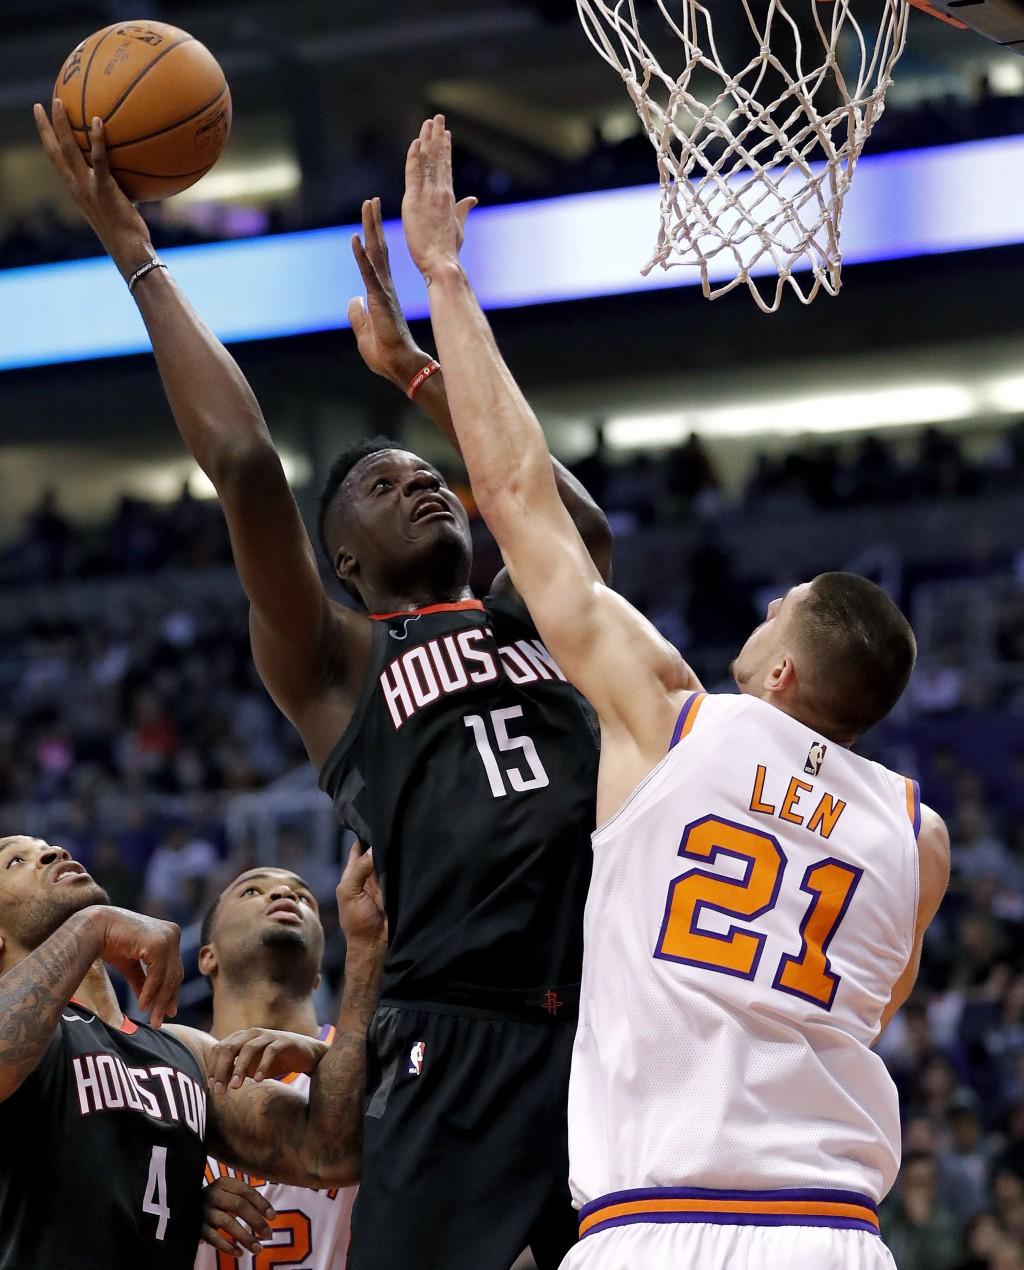 Houston Rockets center Clint Capela (15) shoots over Phoenix Suns center Alex Len (21) during the first half of an NBA basketball game Friday, Jan. 12